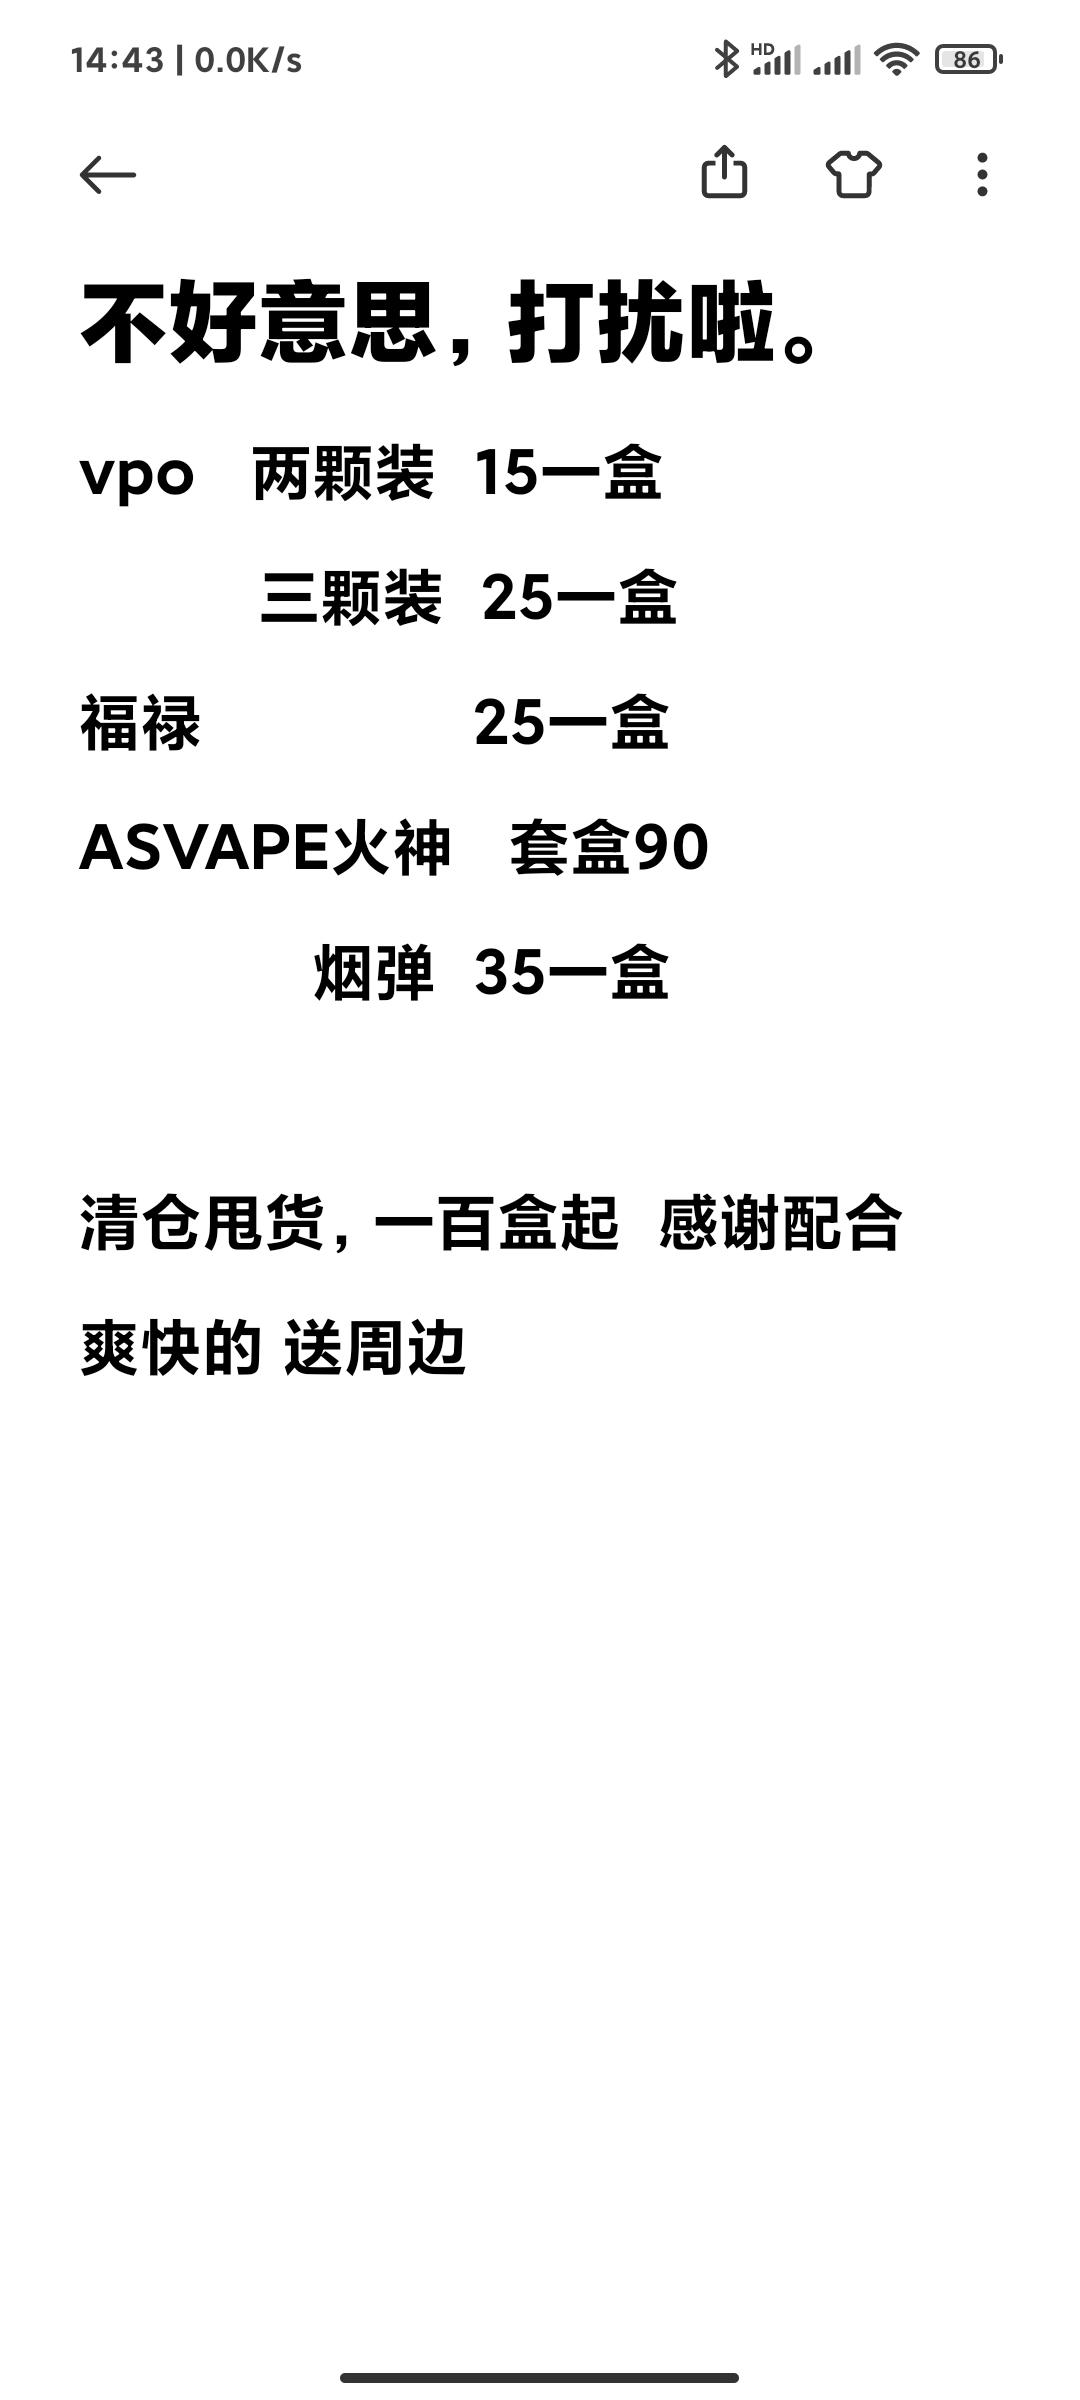 抛货潮来了?VPO、FLOW和ASVAPE火神最低2.5元一颗烟弹